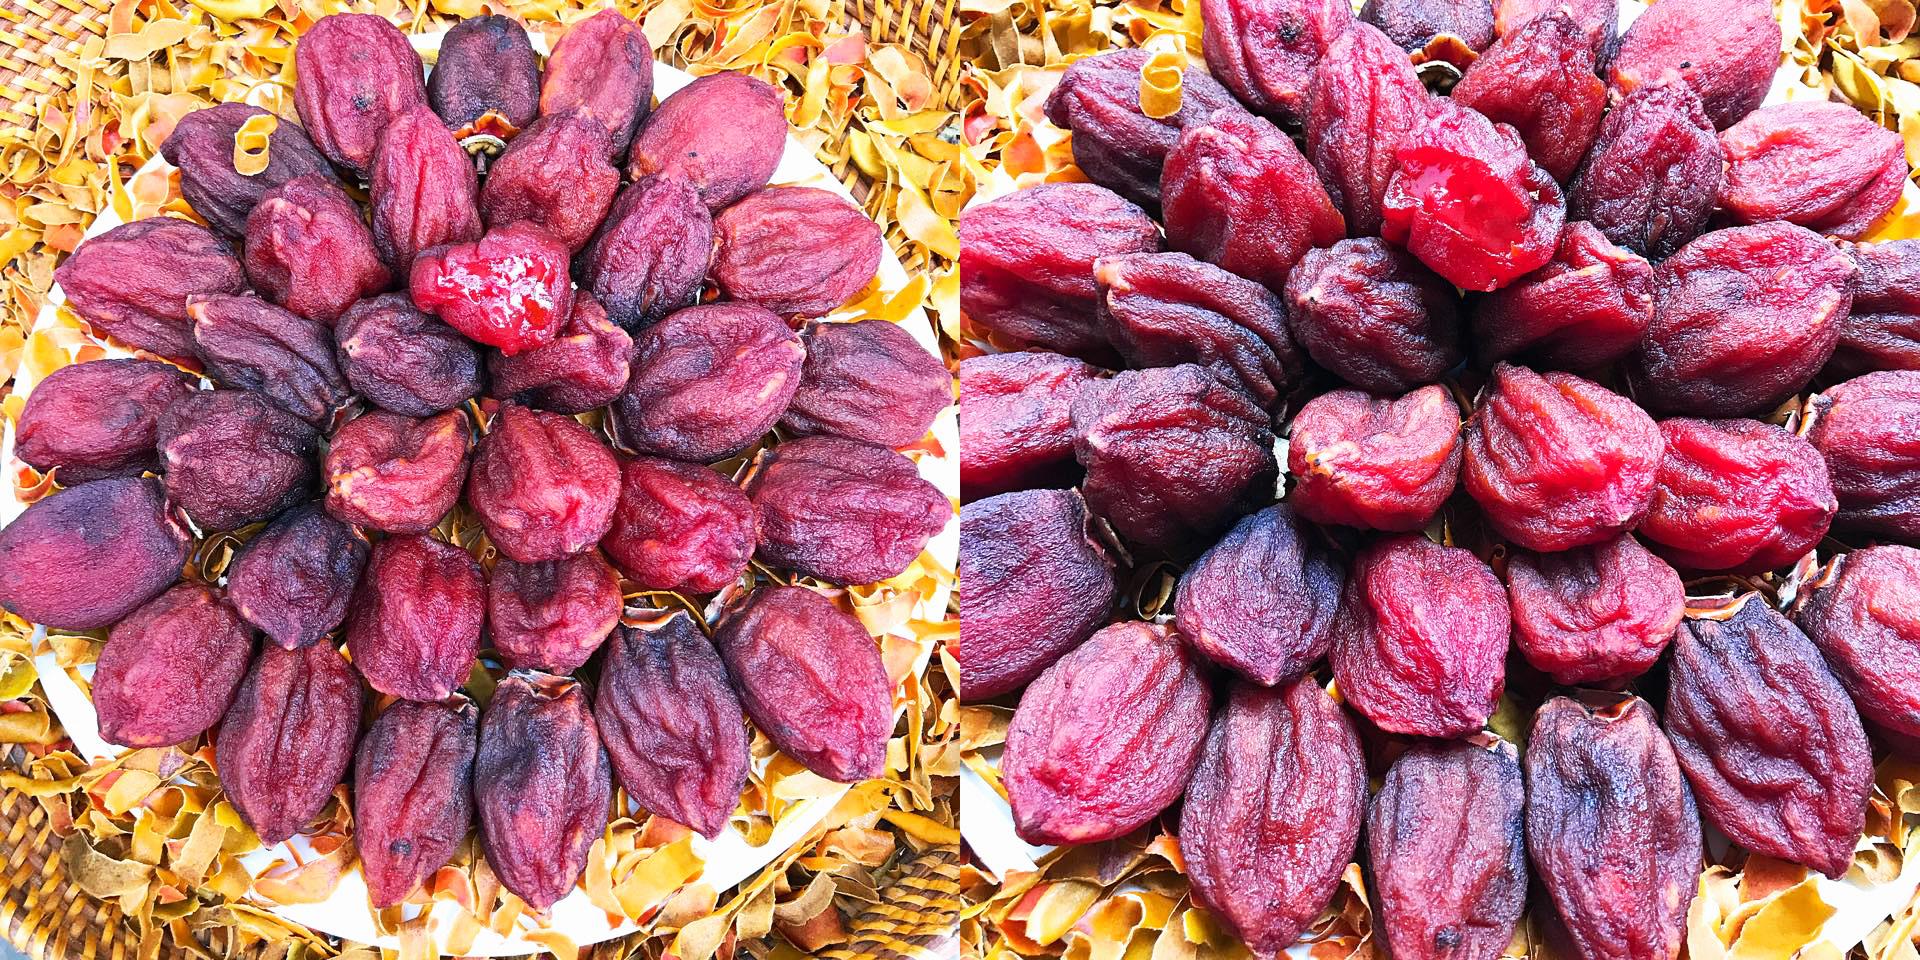 Tất tần tật bí quyết làm hồng treo gió thành công 100% dẻo ngọt thơm ngon